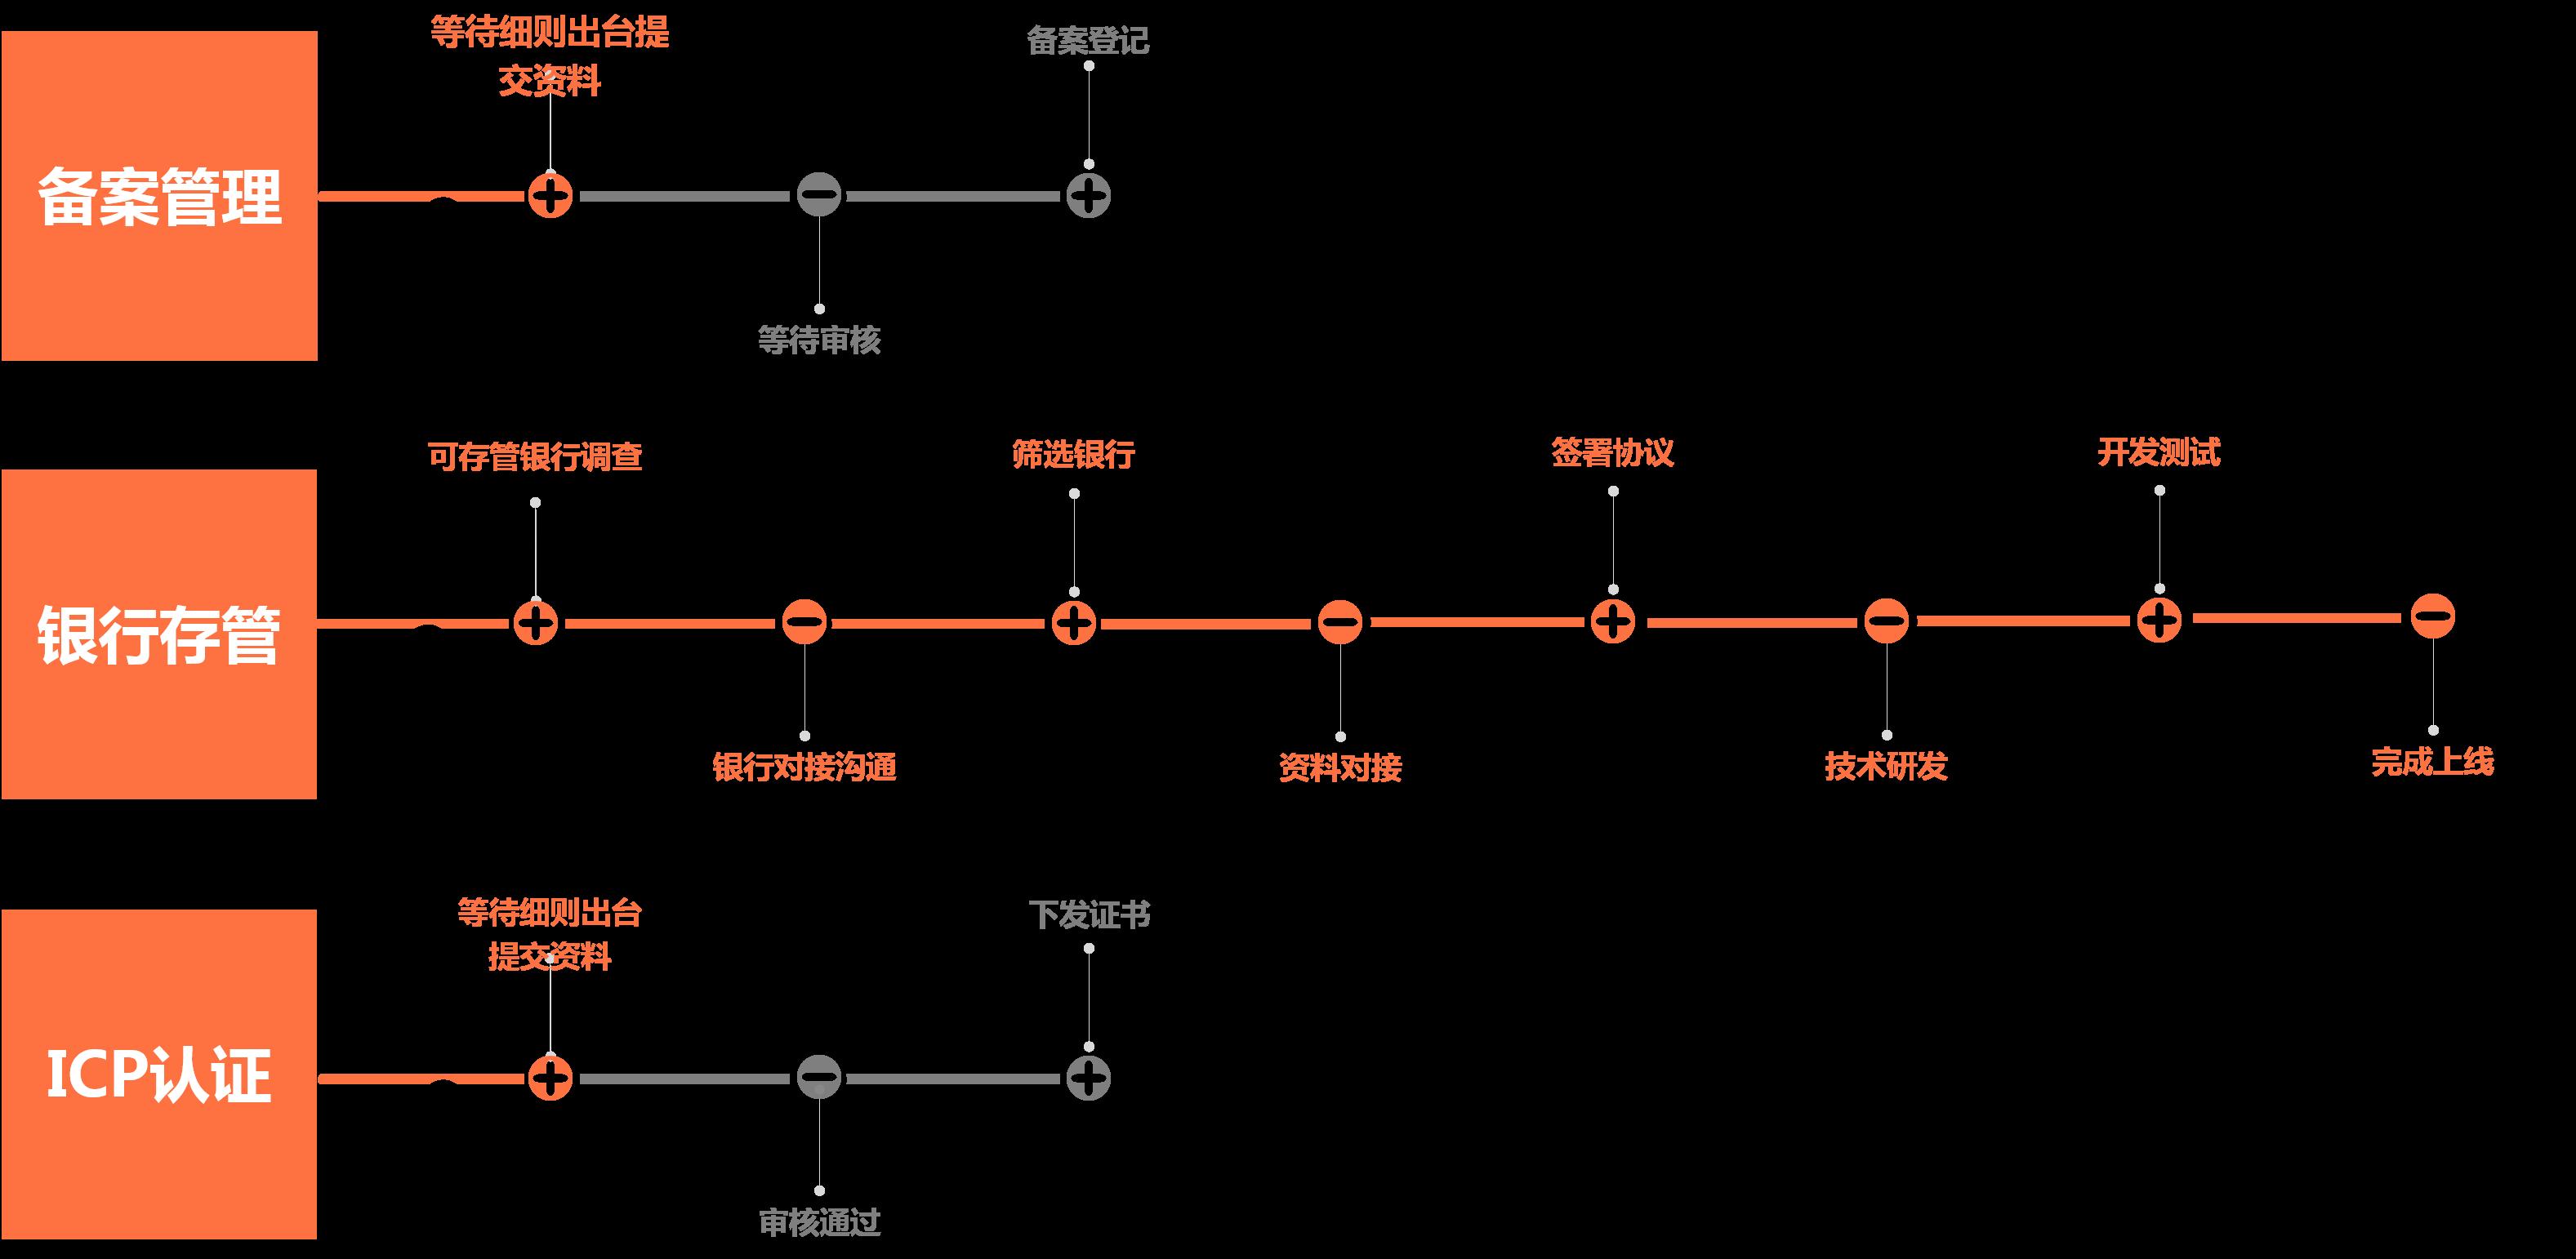 合规化进程